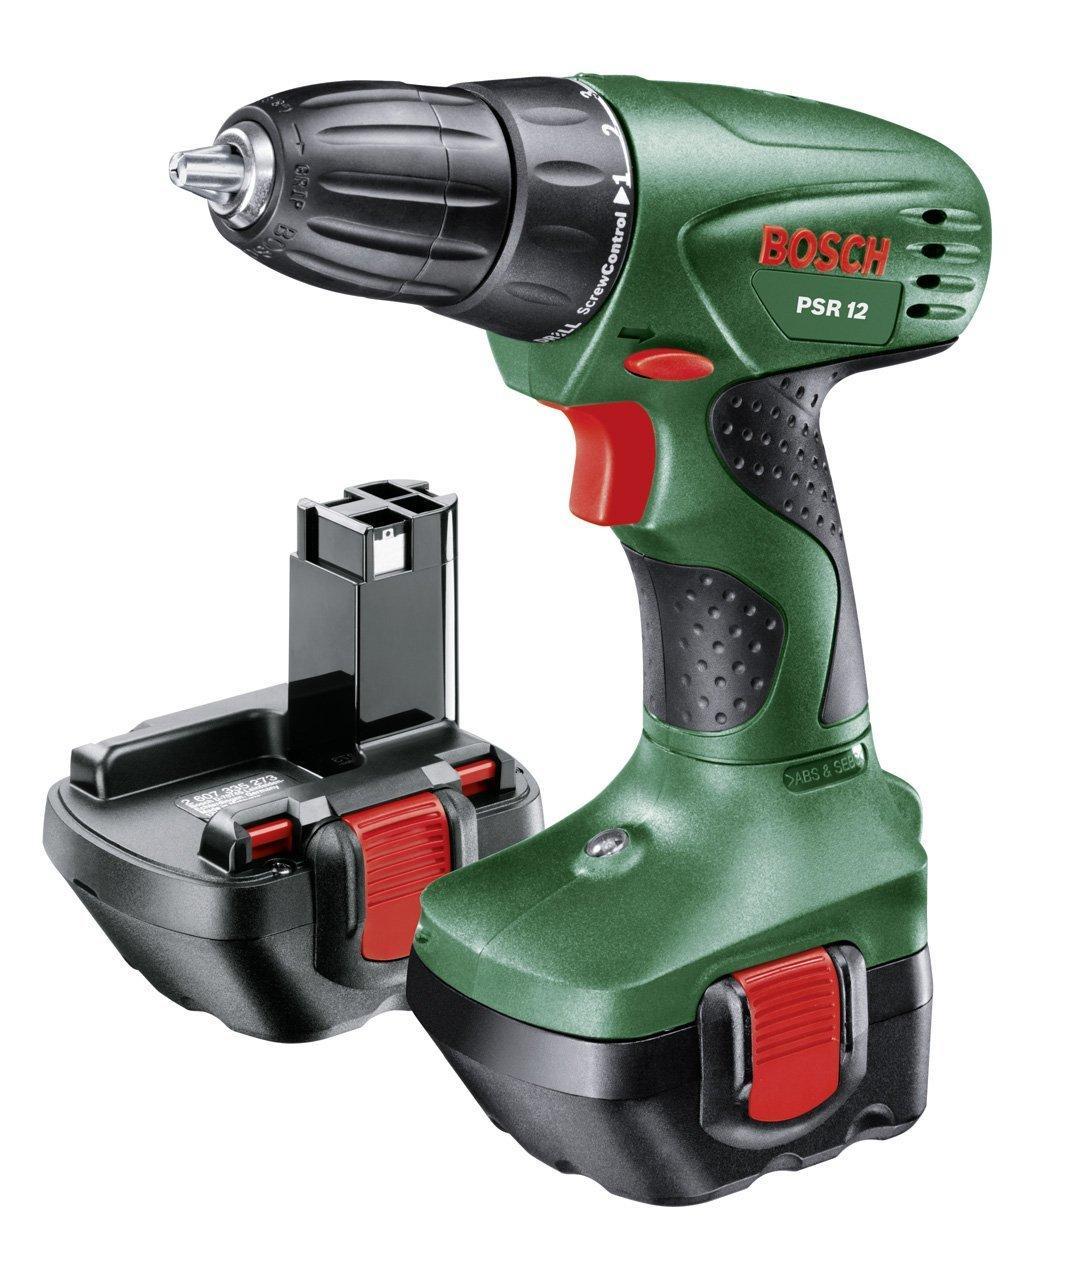 Perceuse-visseuse sans fil Bosch PSR 12 avec coffret (2 batteries et chargeur)